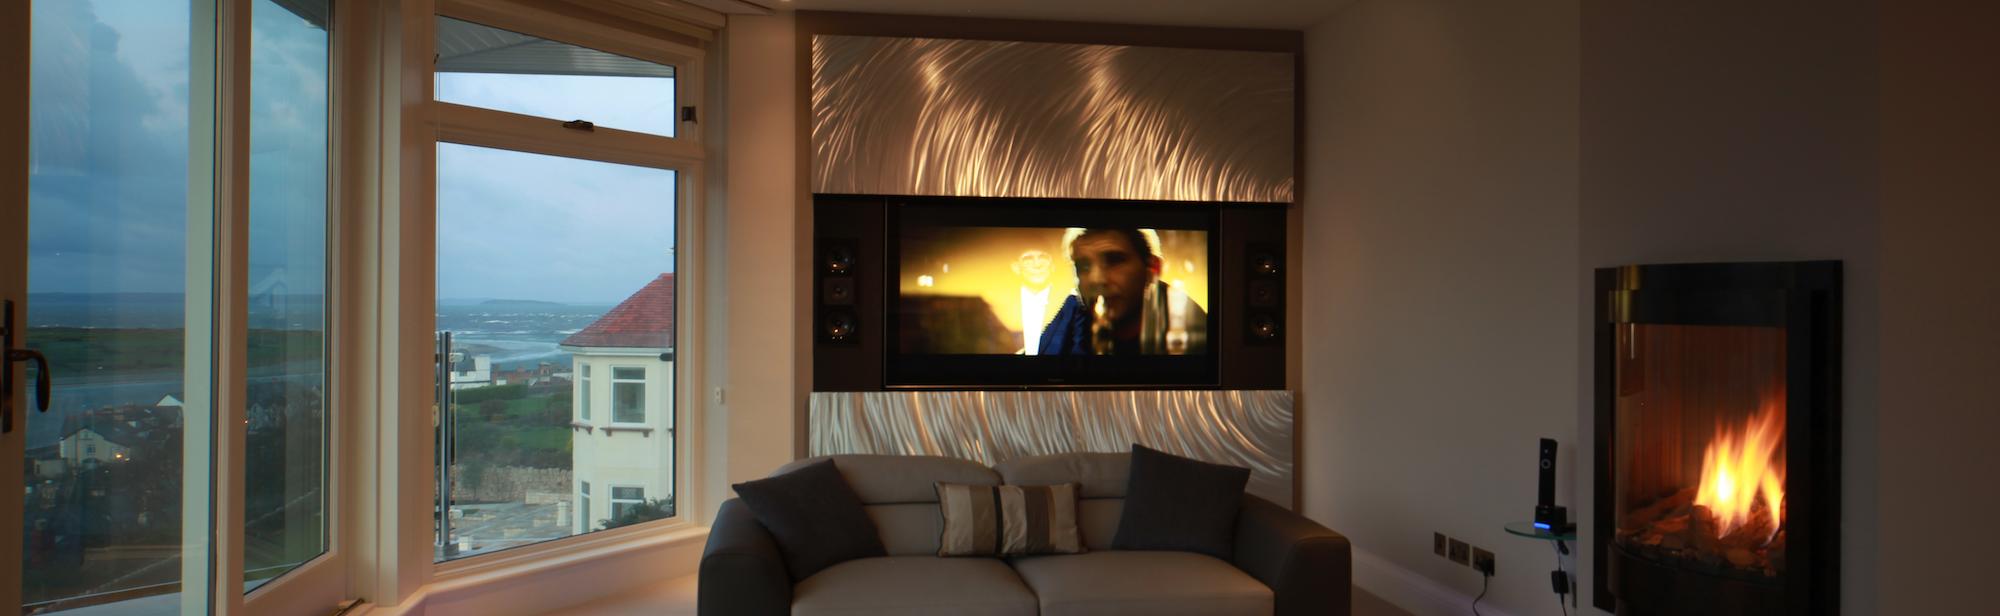 TV hidden behind electric artwork Lift